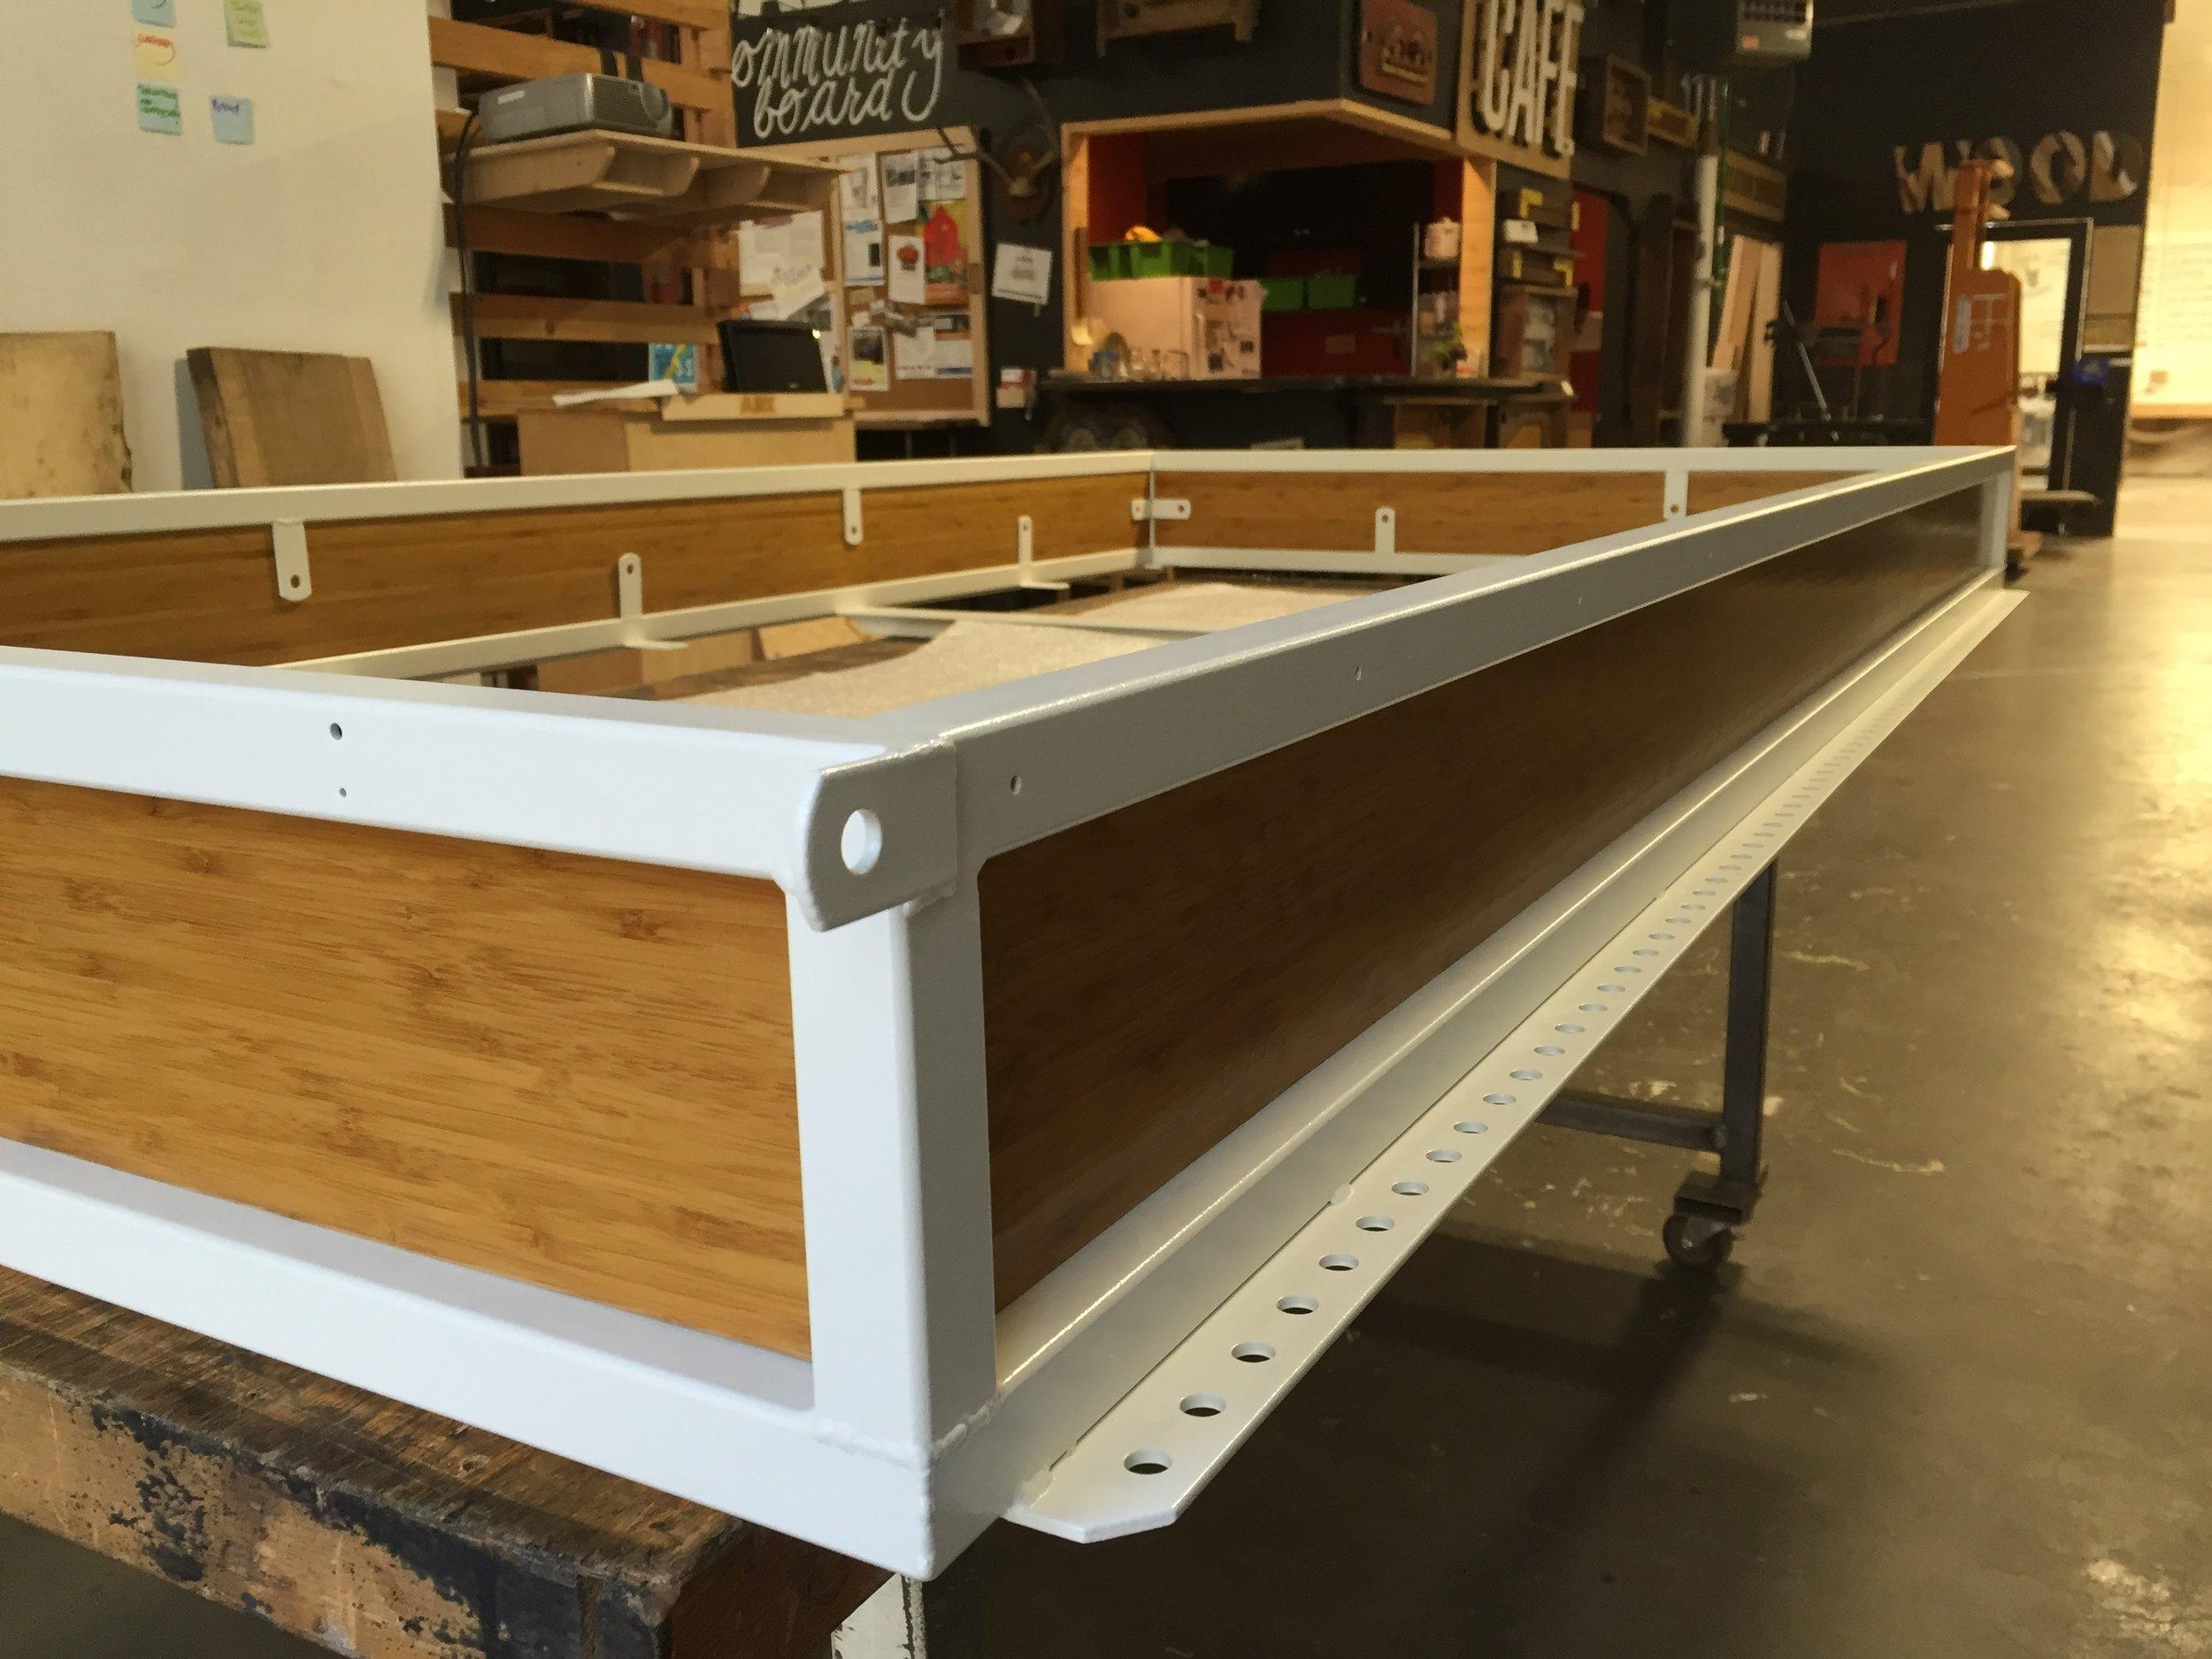 Finished base frame and panels